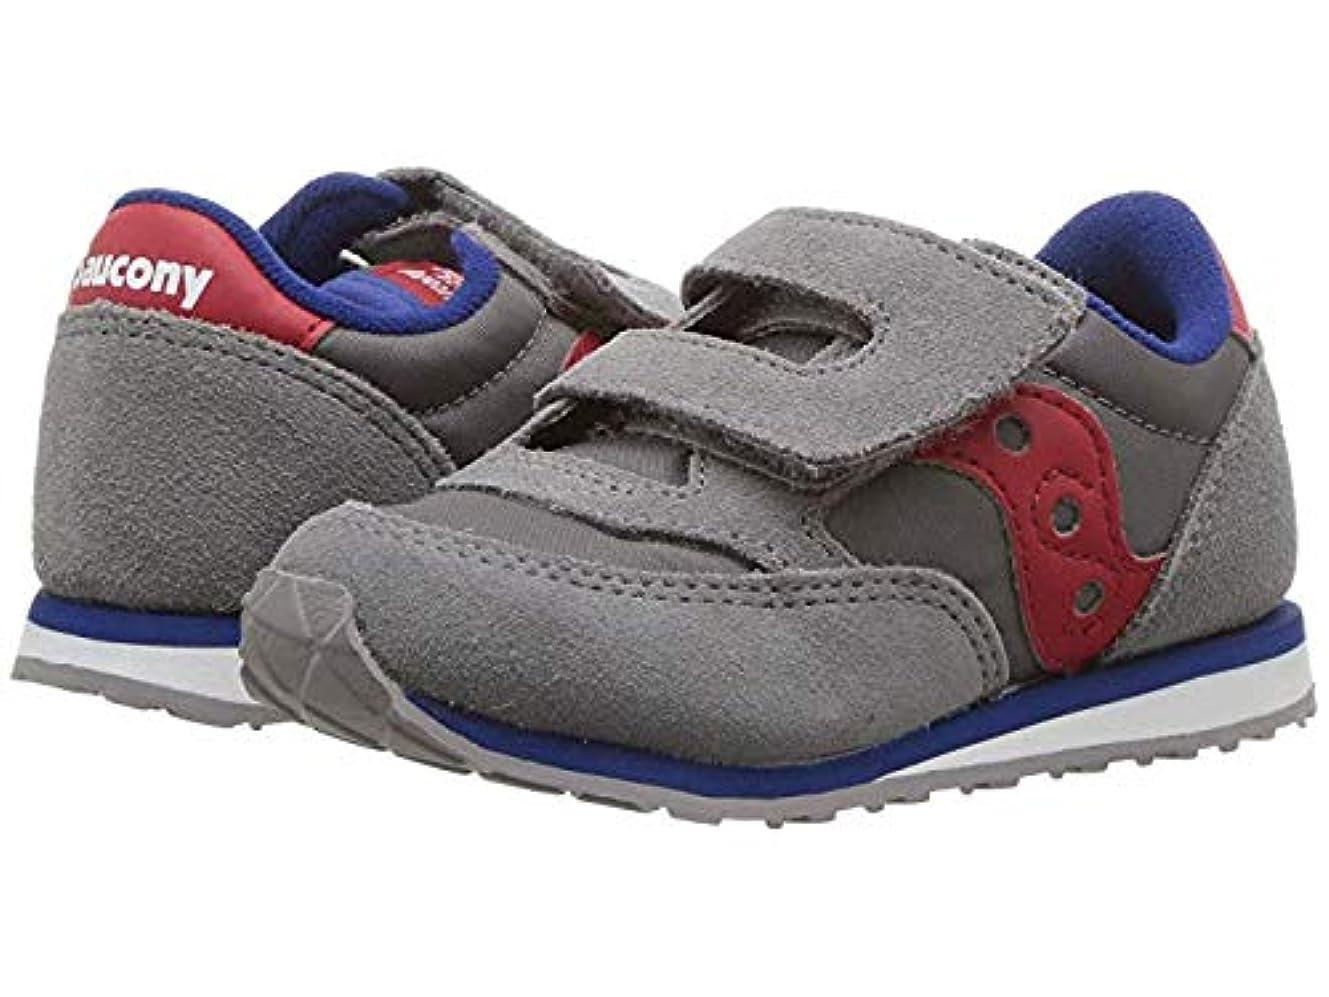 警告するチャネルメタリック[サッカニー] キッズカジュアルシューズ?靴 Originals Jazz Hook & Loop (Toddler/Little Kid) Grey/Red 13.5cm M [並行輸入品]